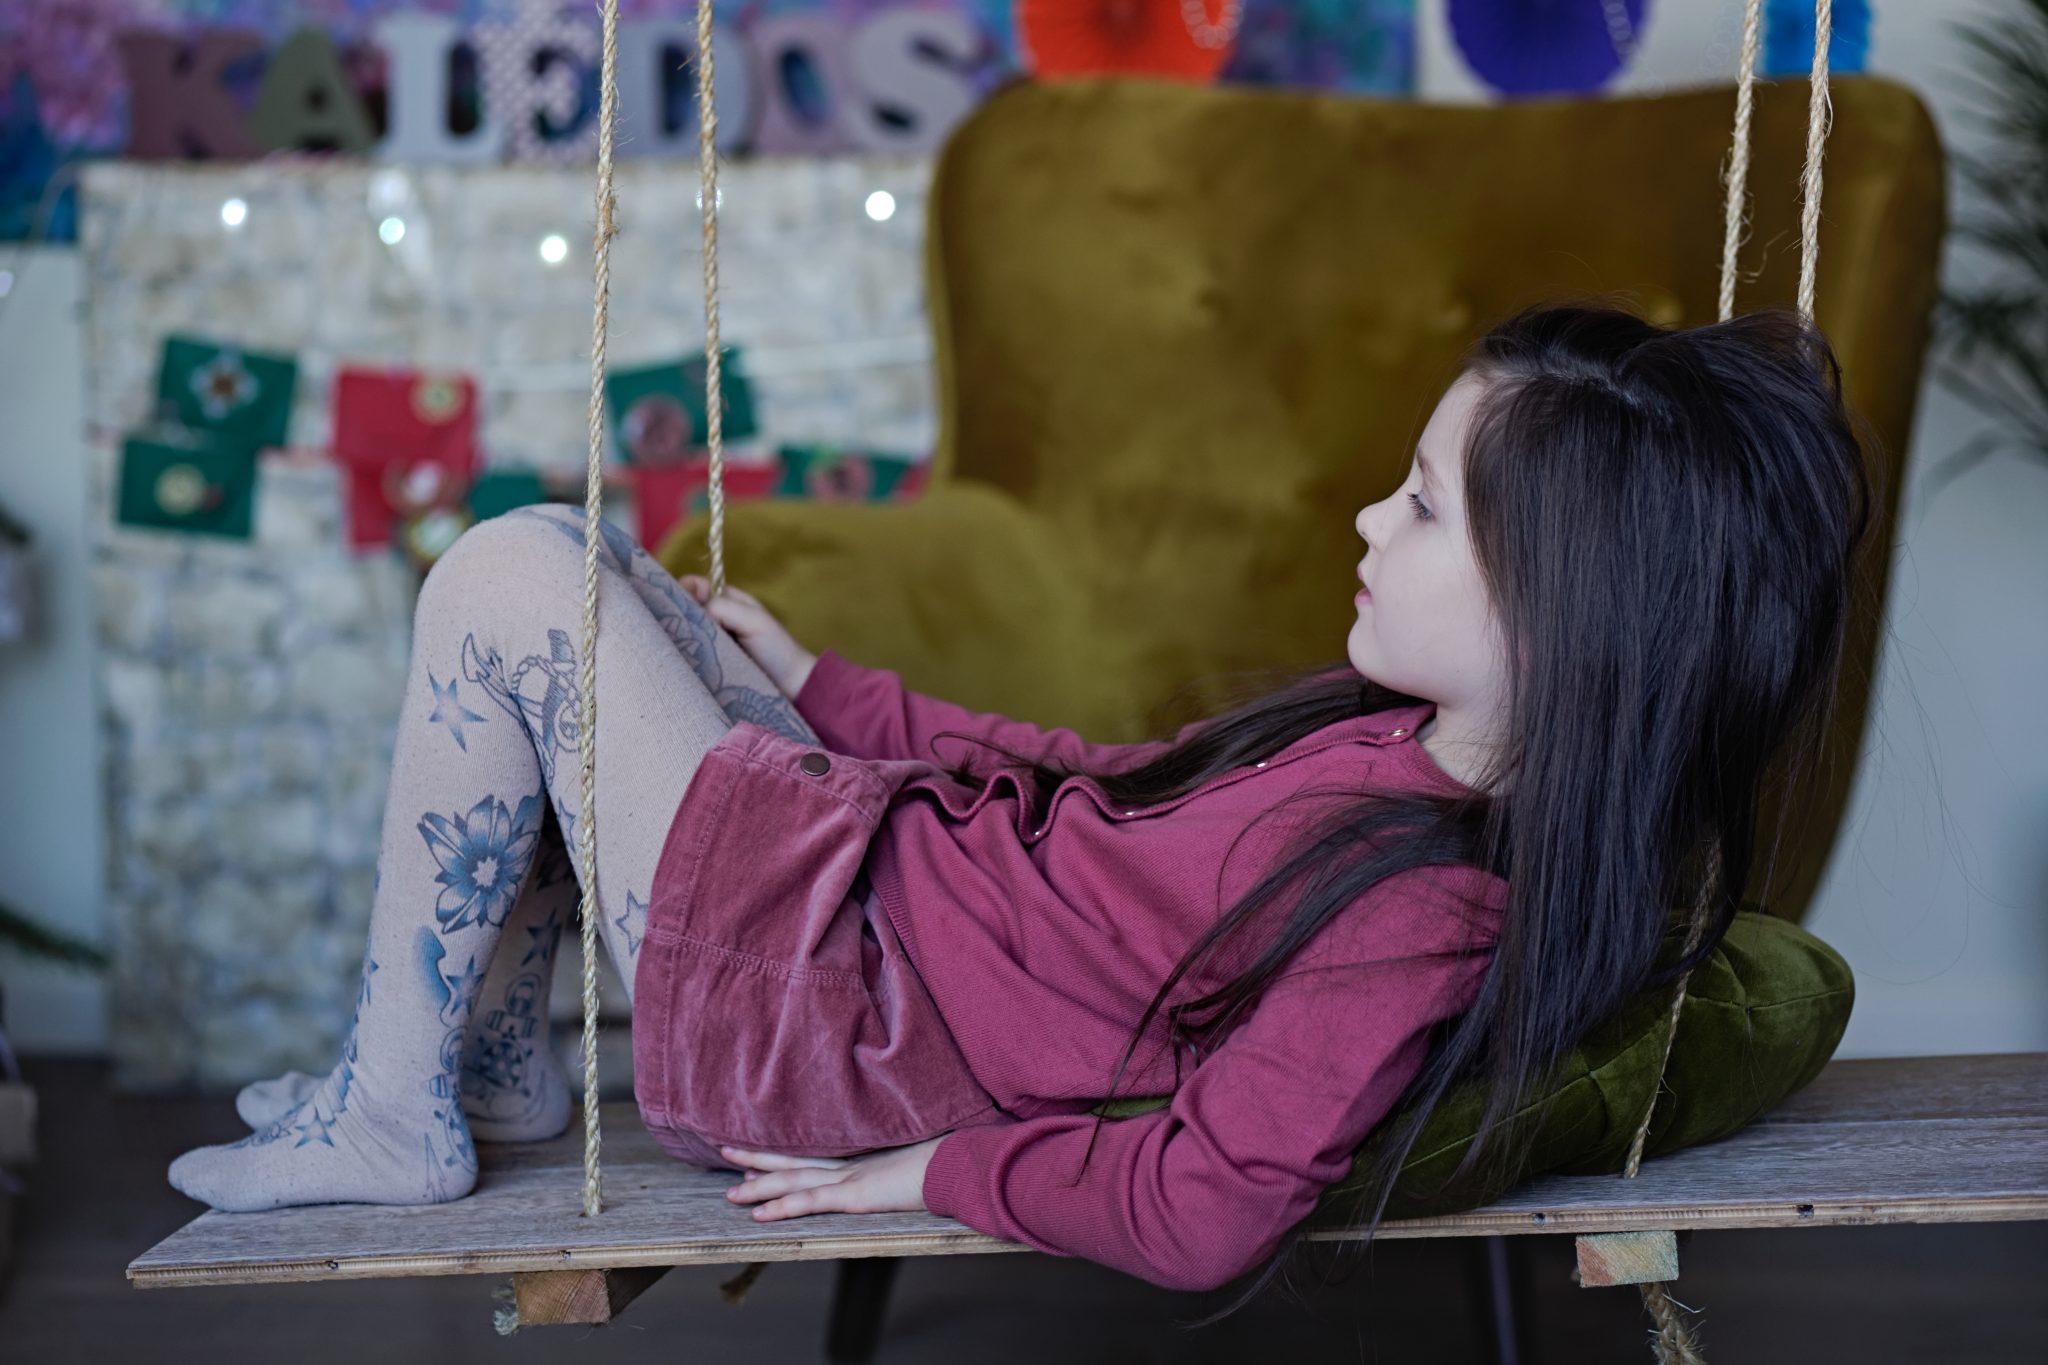 mergaitė supasi ant supyniu per Kalėdinę fotosesiją studijoje